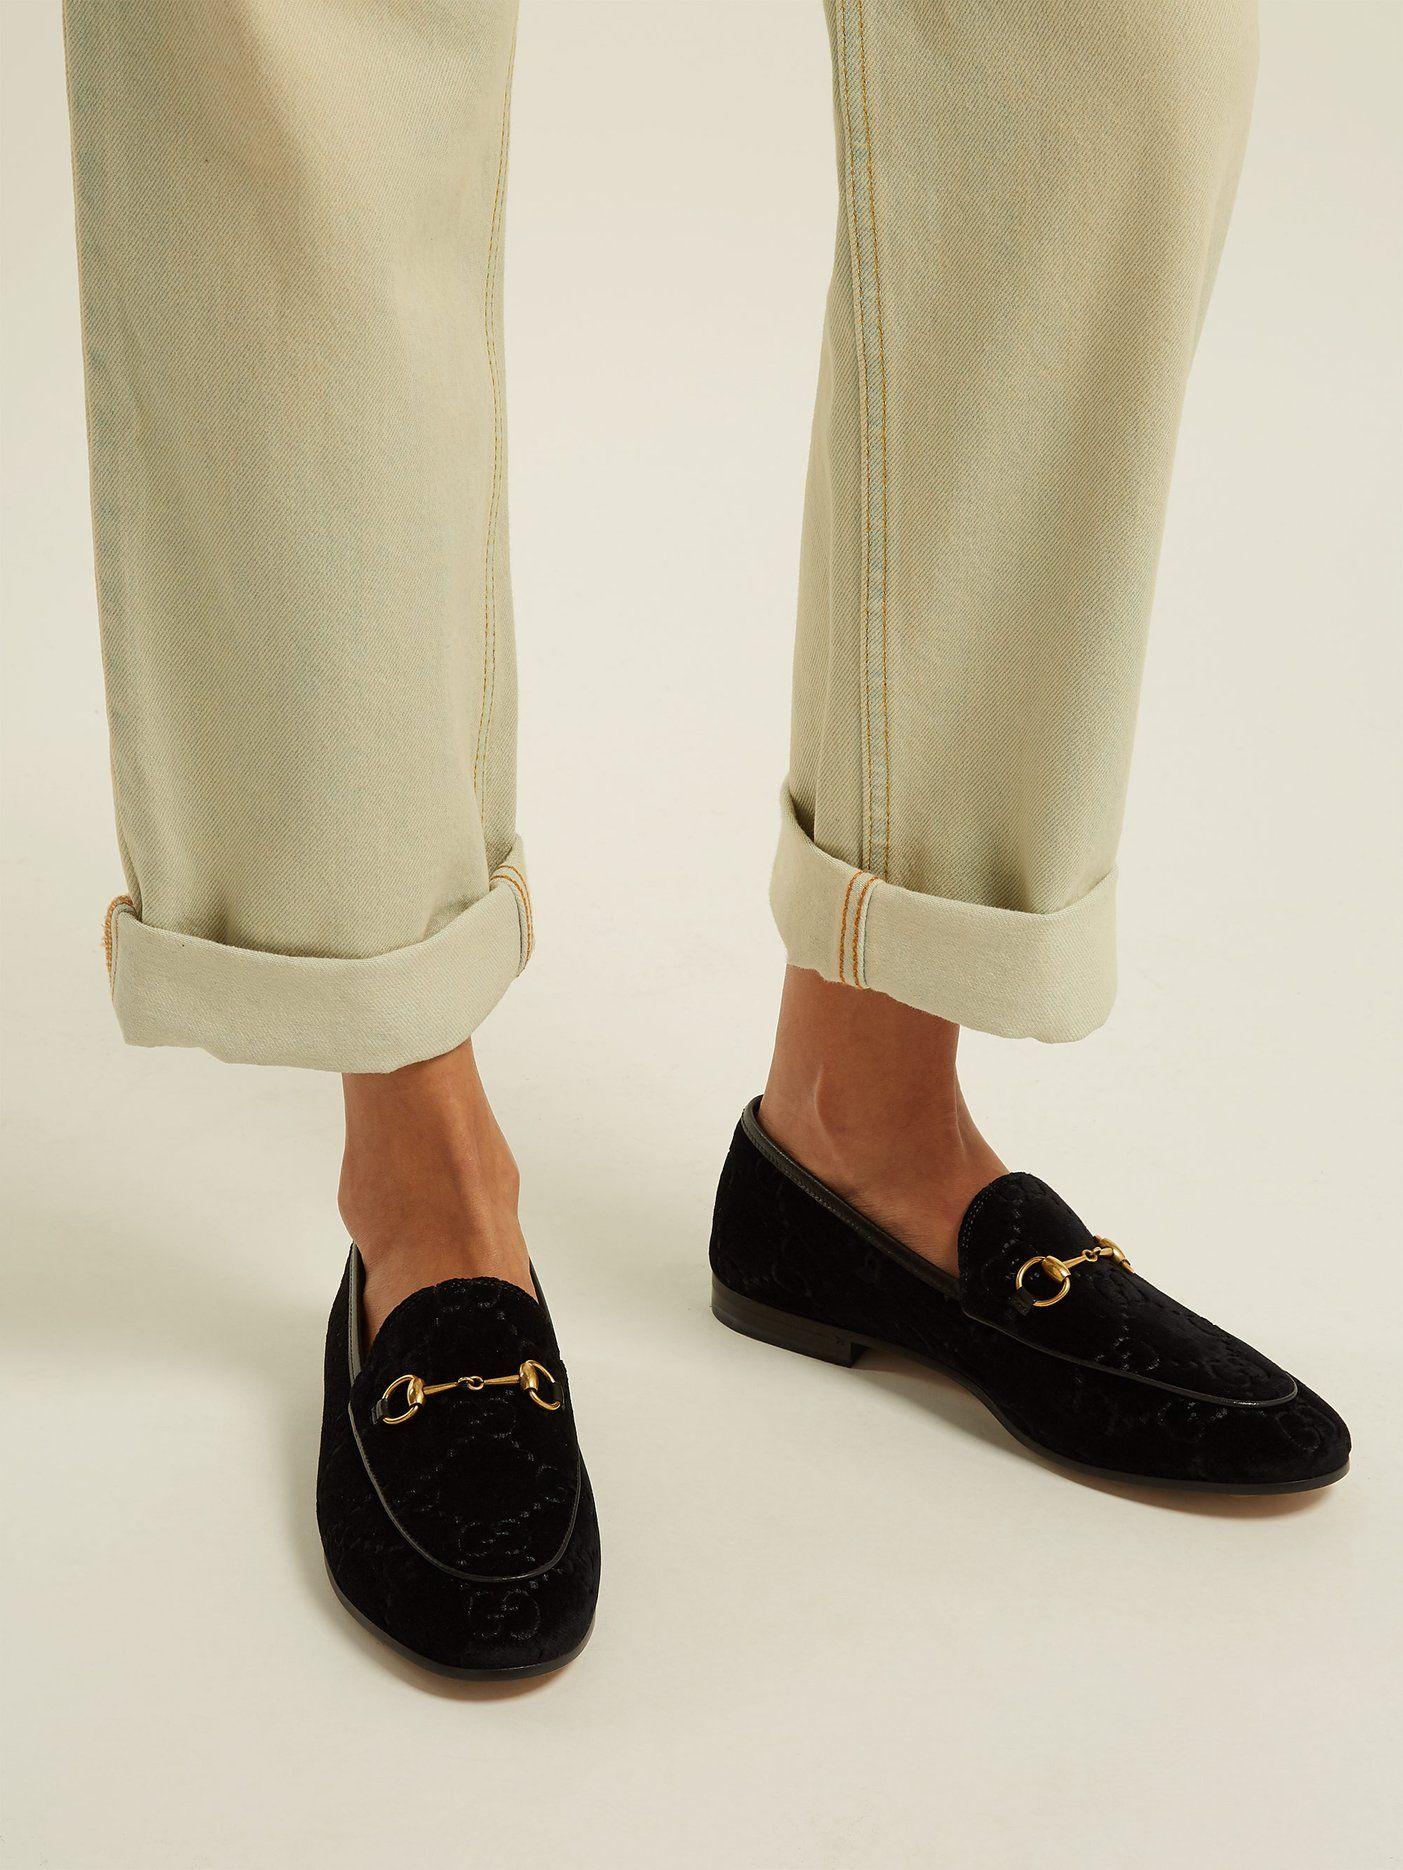 f8e32c7cf92 Jordaan GG velvet loafers